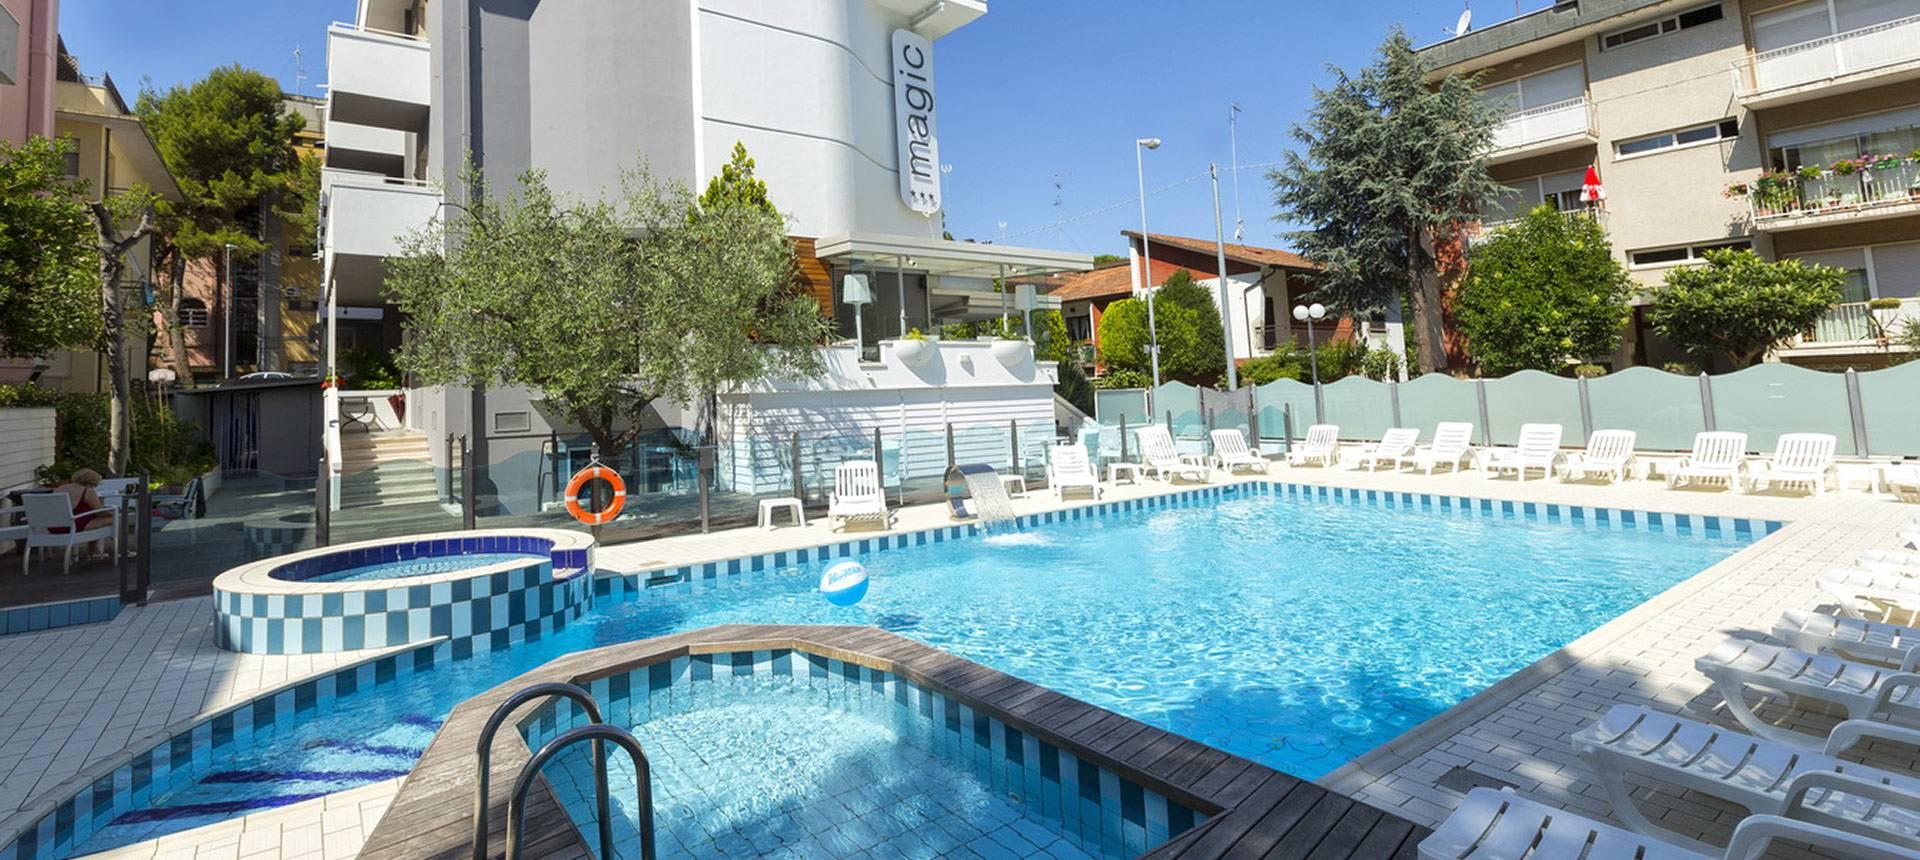 Hotel con piscina in centro riccione albergo benessere con idromassaggio - Albergo con piscina in camera ...